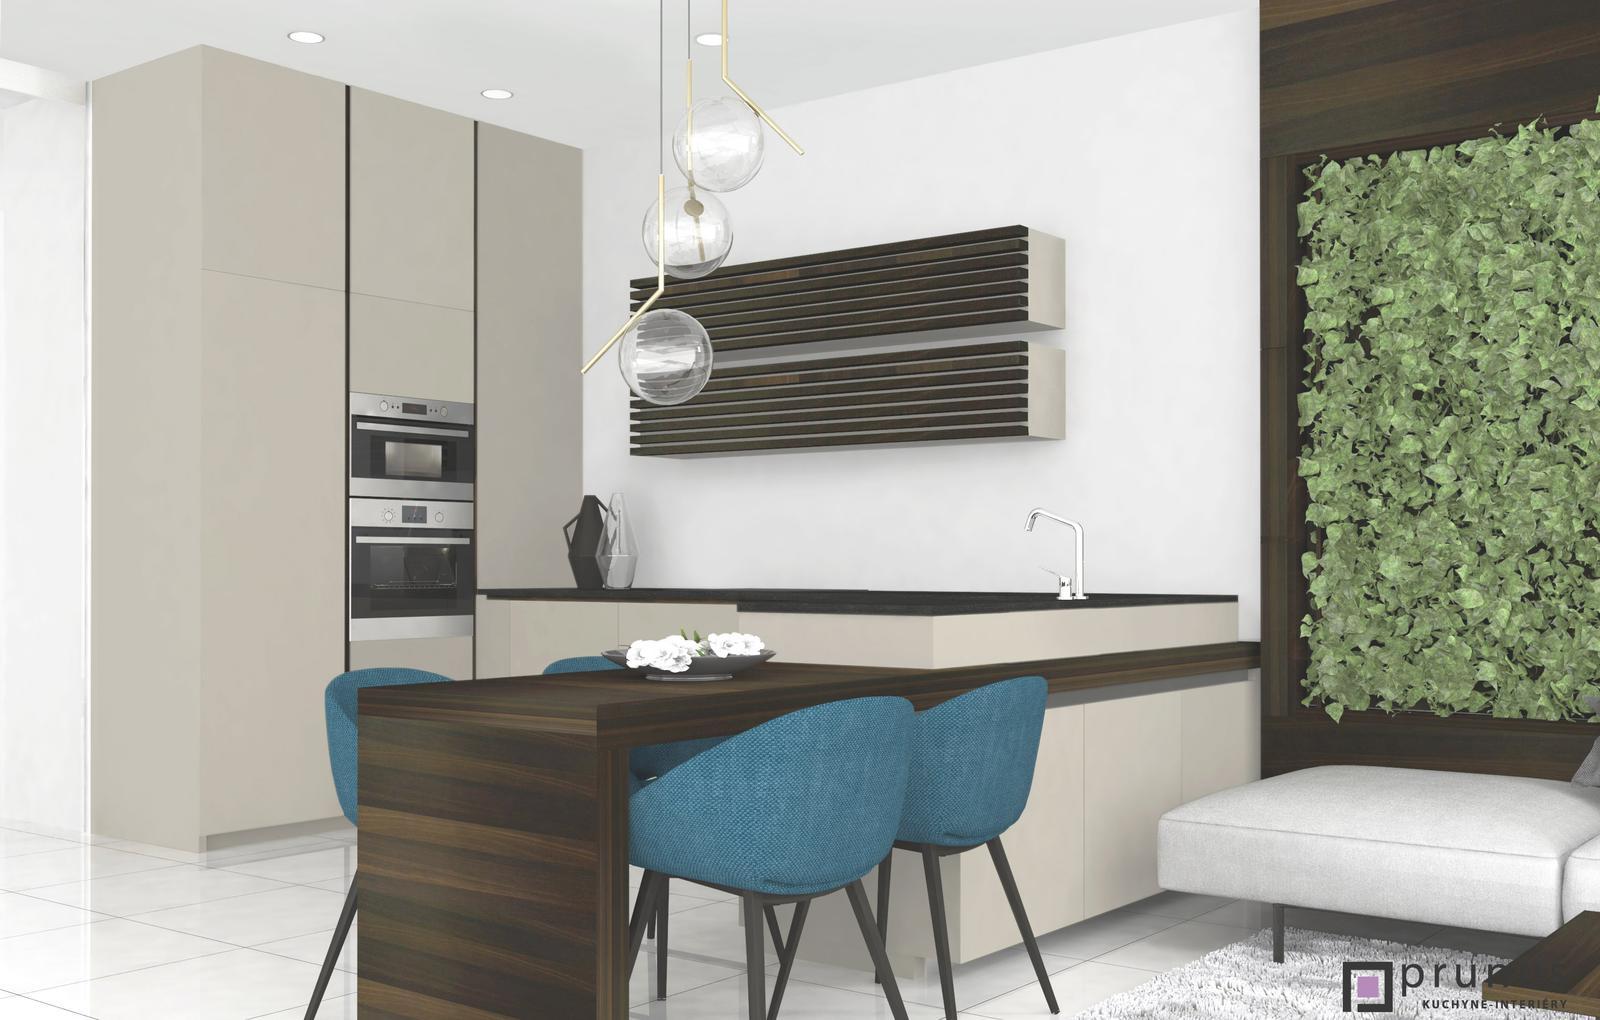 Návrh interiéru bytu Stein Bratislava I PRUNUS interiérové štúdio - Návrh interiéru bytu Bratislava, fotorealistické vizualizácie, interiérový dizajn bytu. Luxusné  jedinečné návrhy a 3D vizualizácie vytvárajú profesionáli z interiérového štúdia PRUNUS.